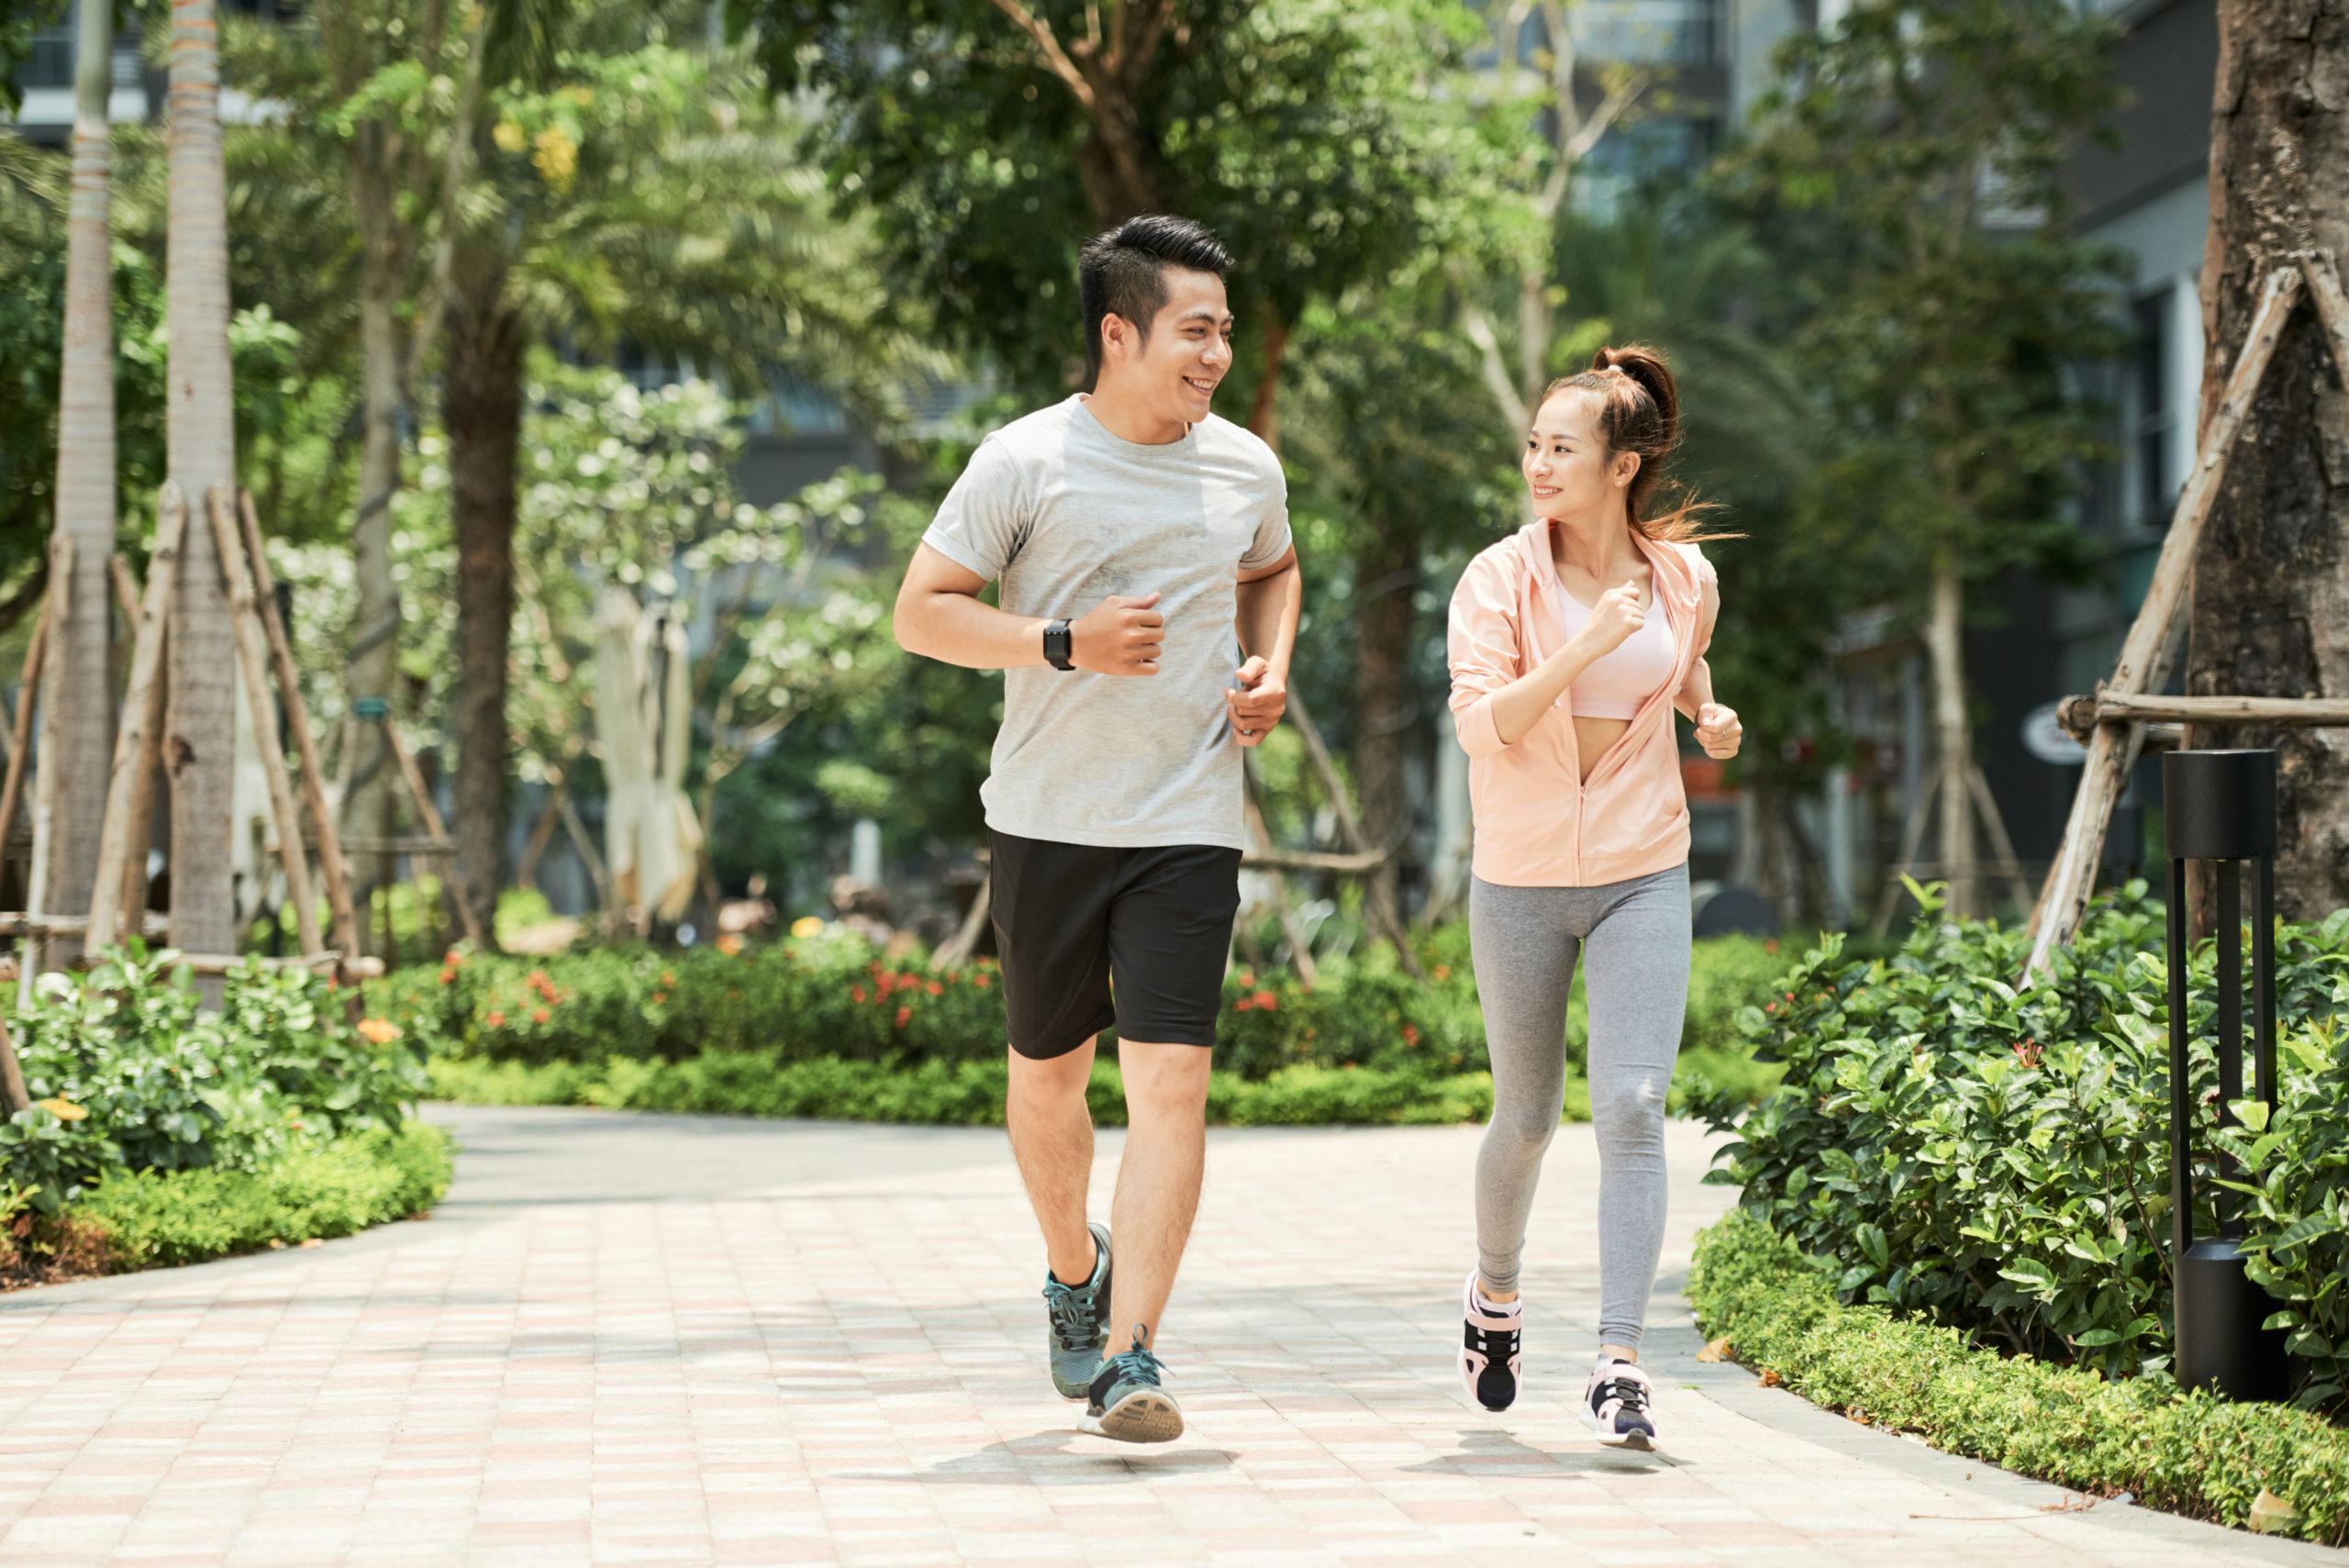 Aktif-Bergerak-menurunkan-kolesterol